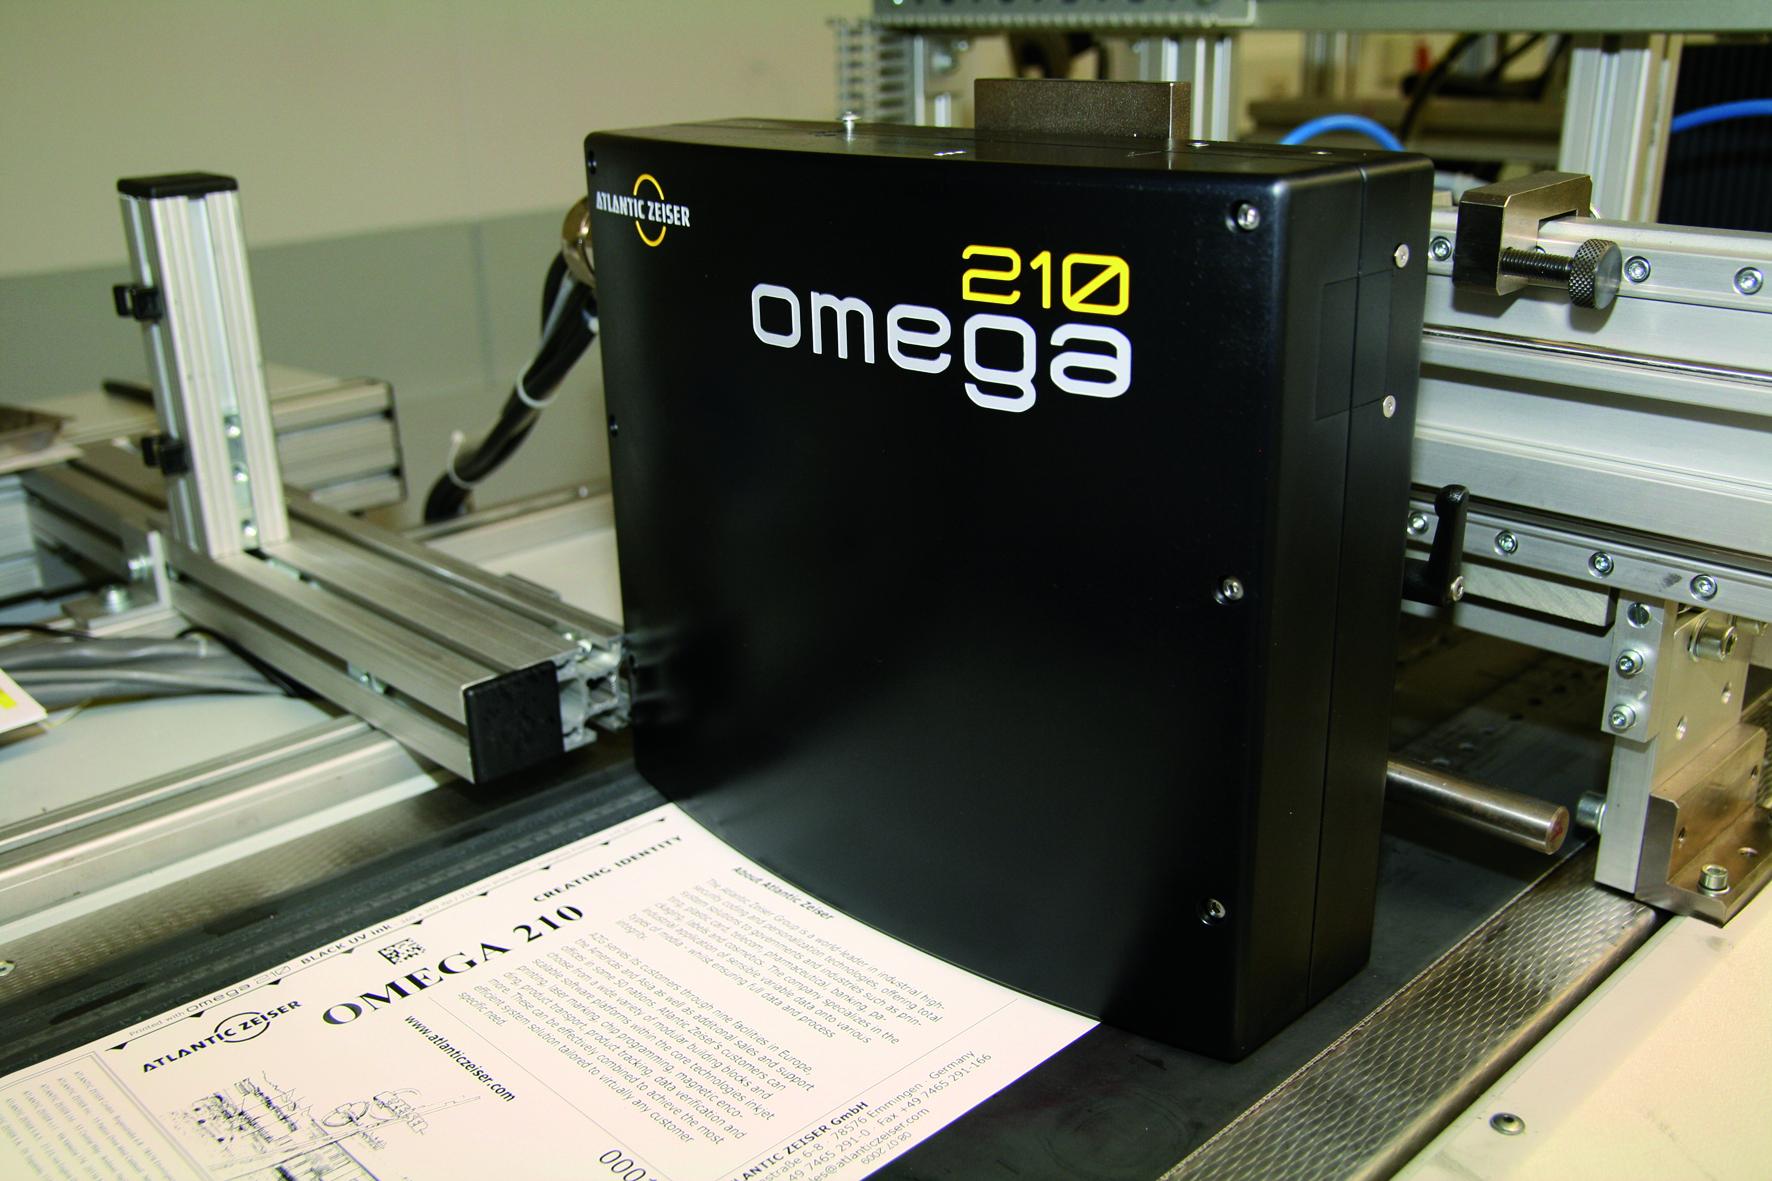 Impressora Omega Printer